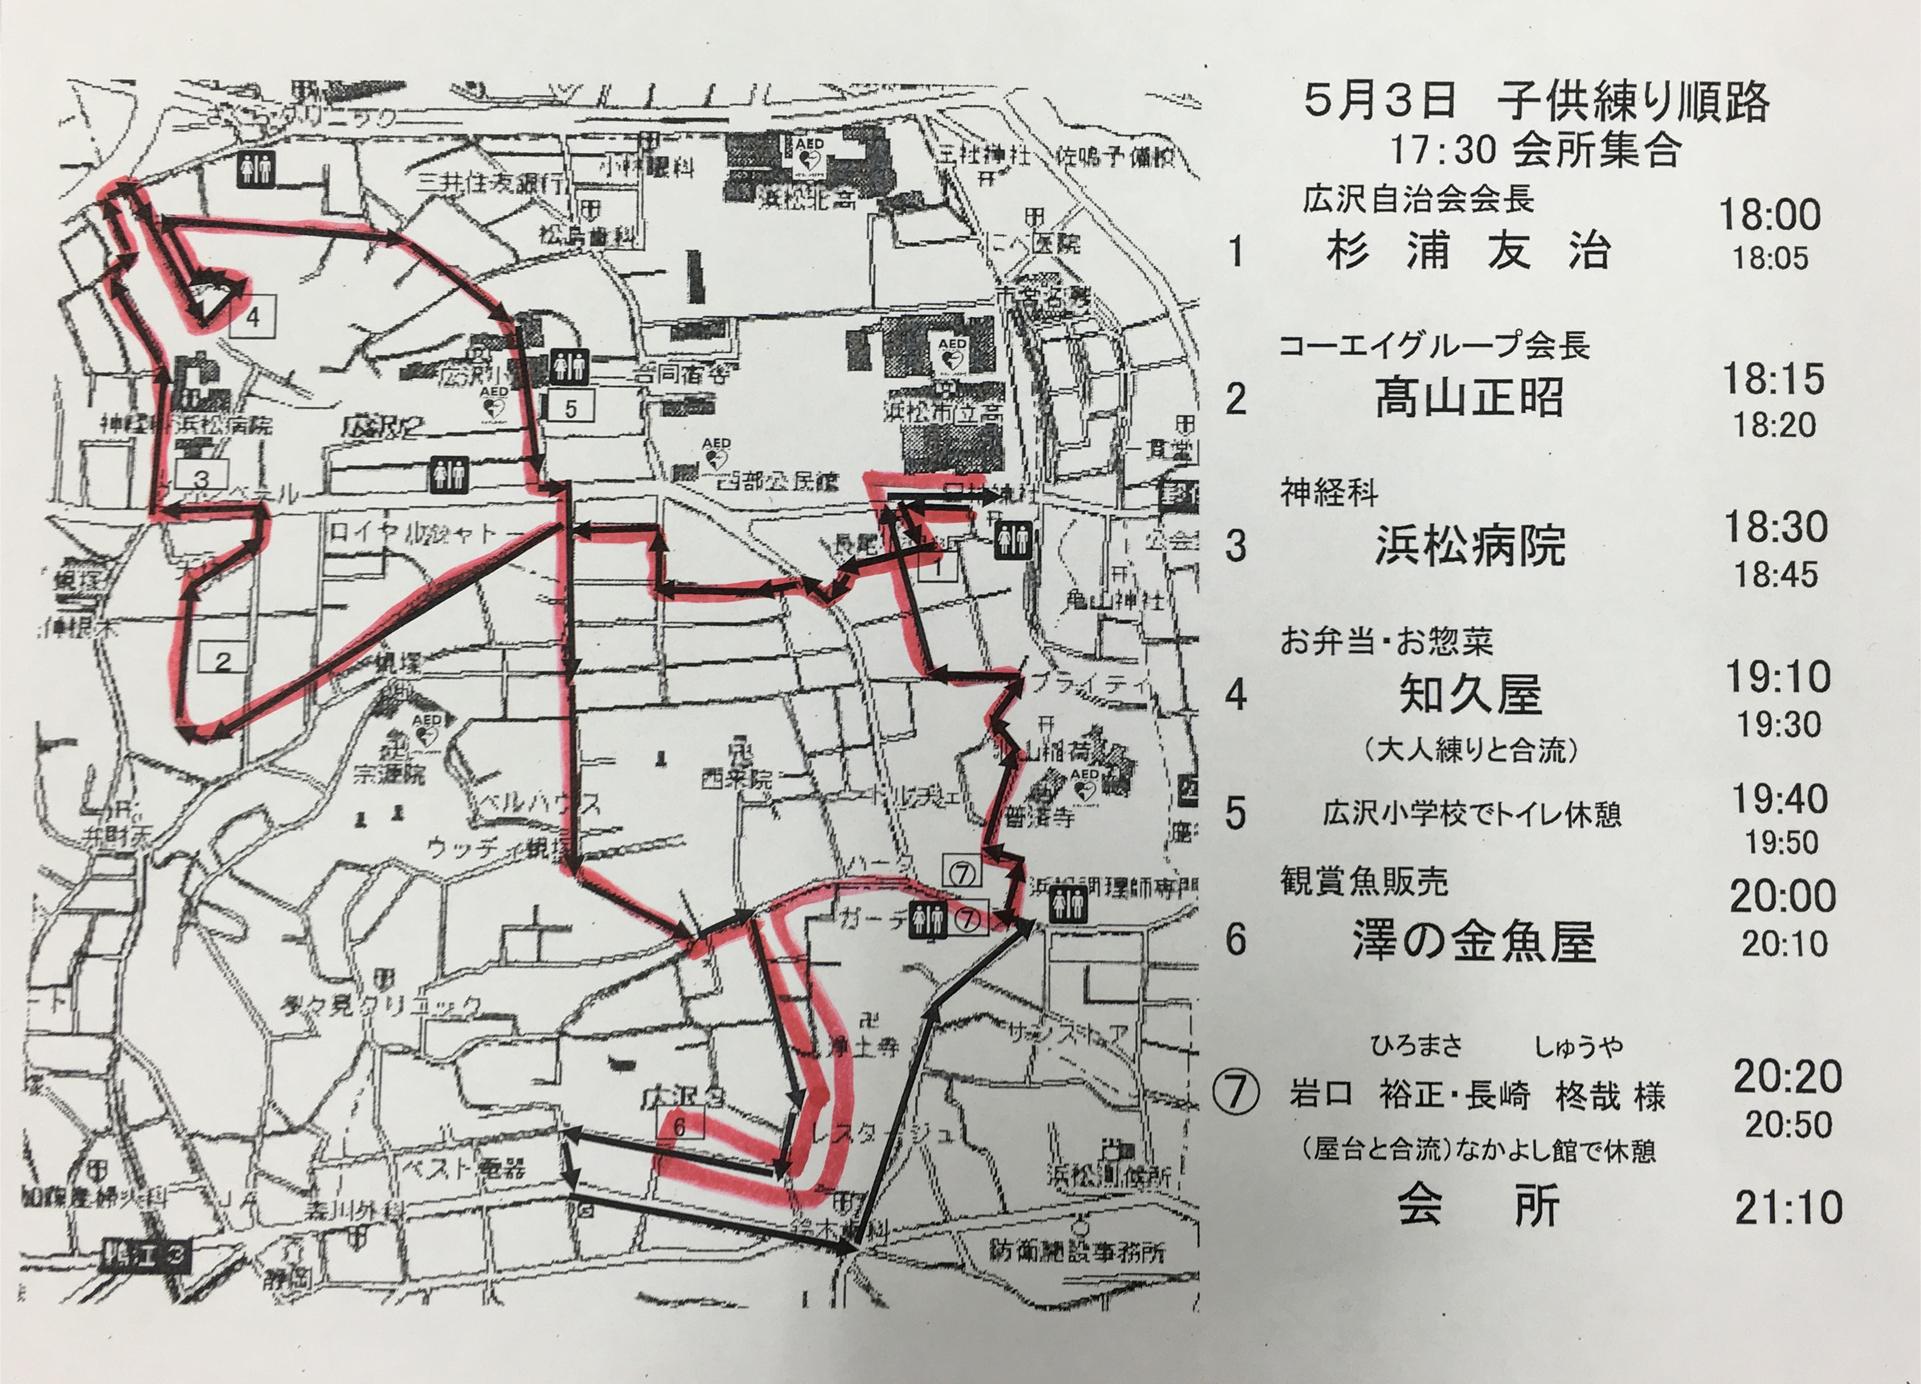 平成28年 子練り順路(地図・時間)